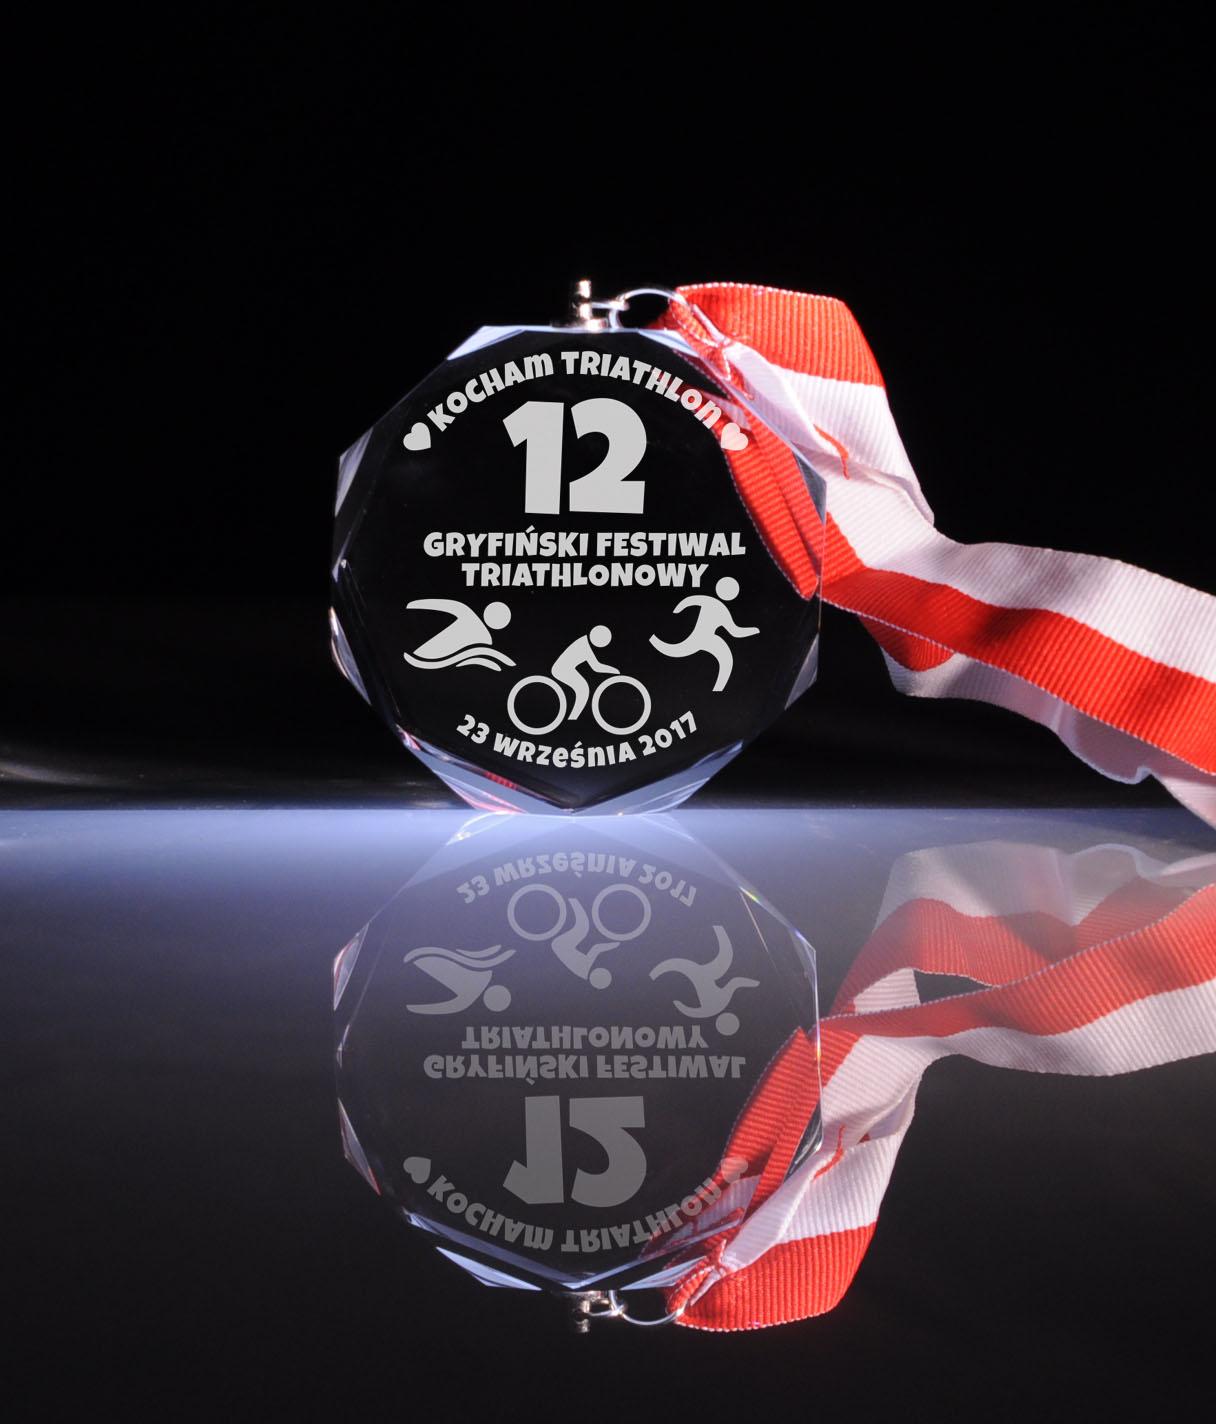 Medal 12 Gryfińskiego Festiwalu Triathlonowego Kocham Triathlon